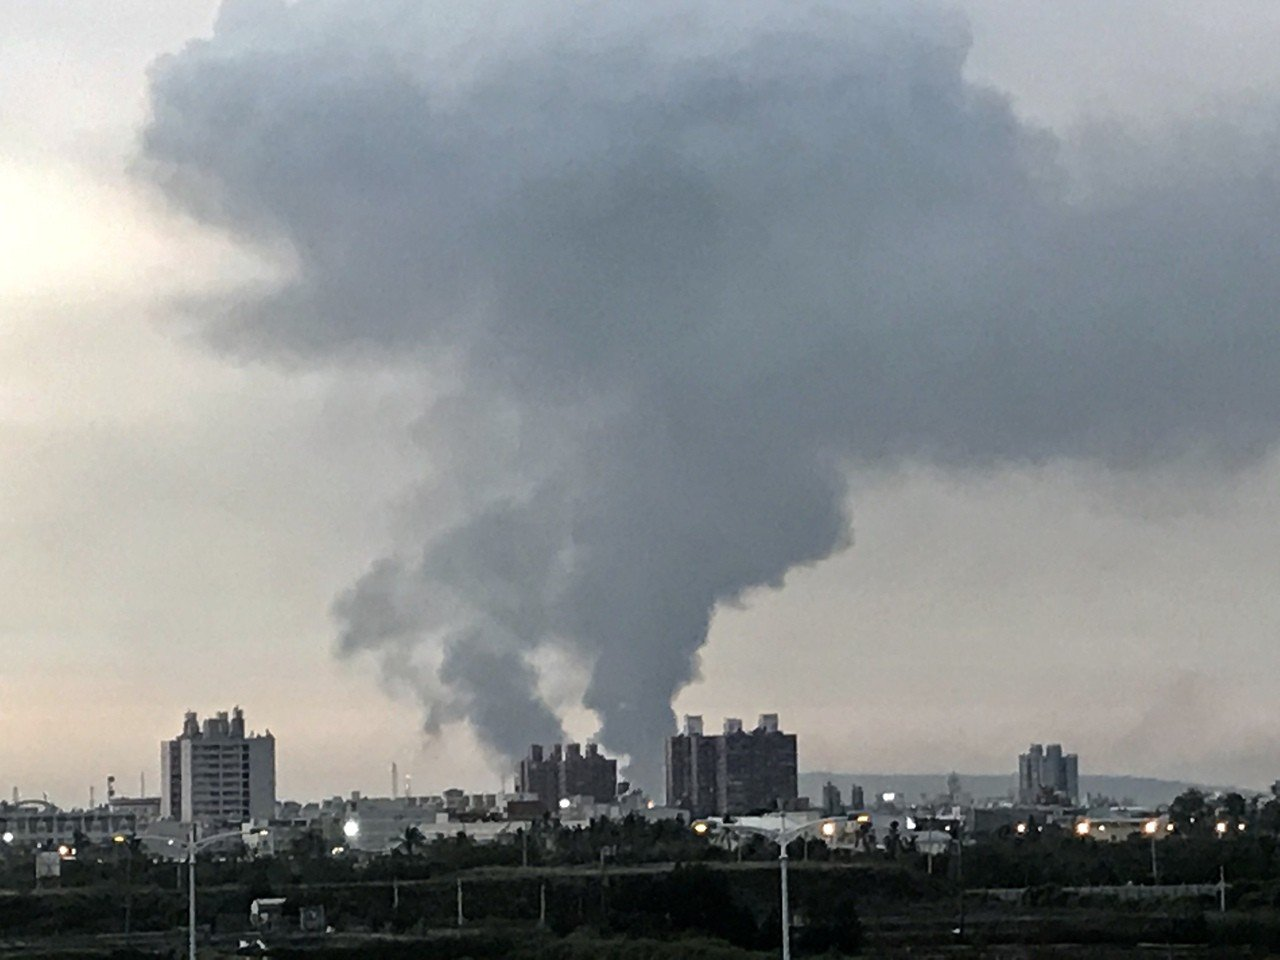 高雄林園工業區火警,台灣燈會會場都能看見黑煙與火光。記者江國豪/攝影